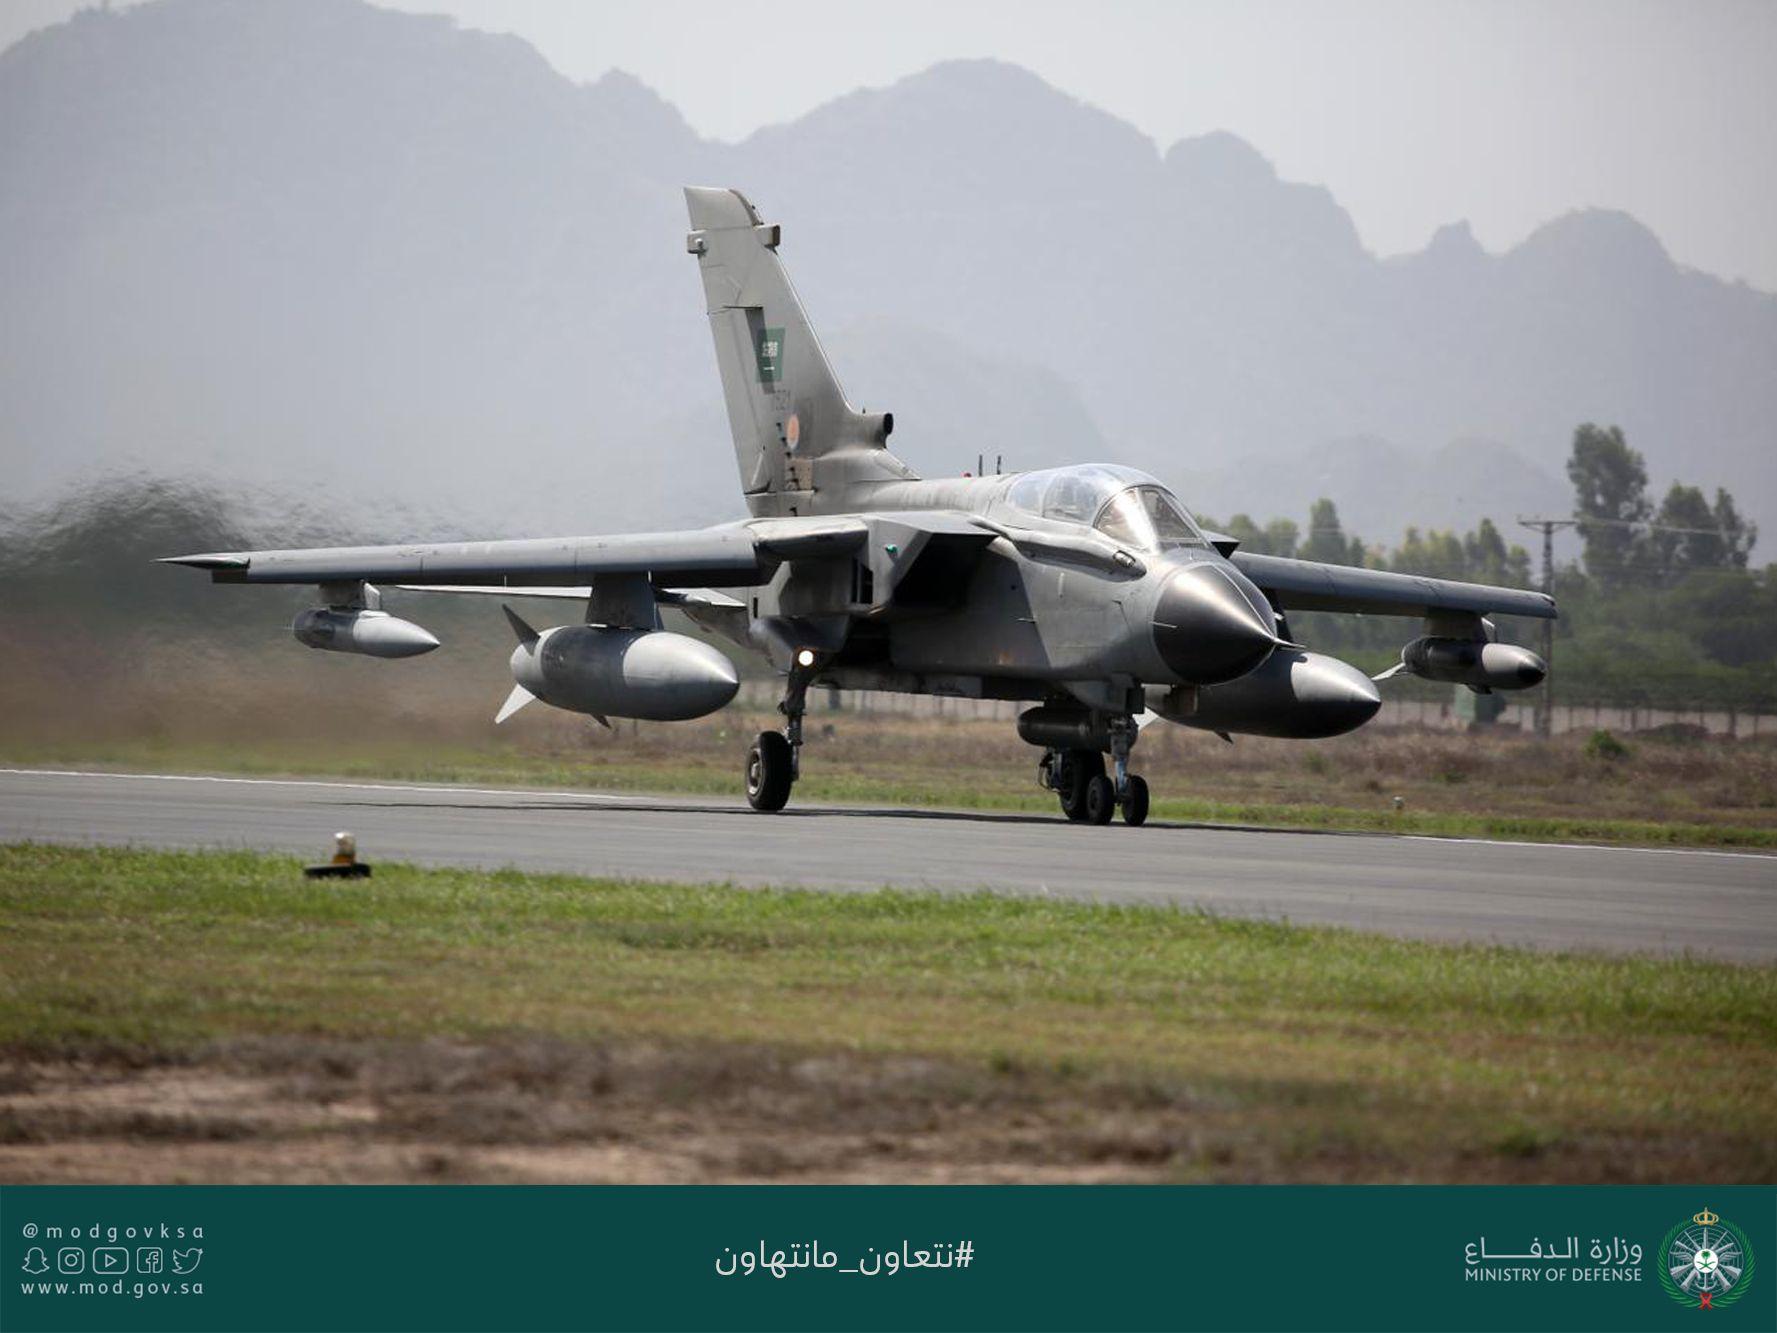 القوات الجوية السعودية تمرين مركز التفوق الجوي